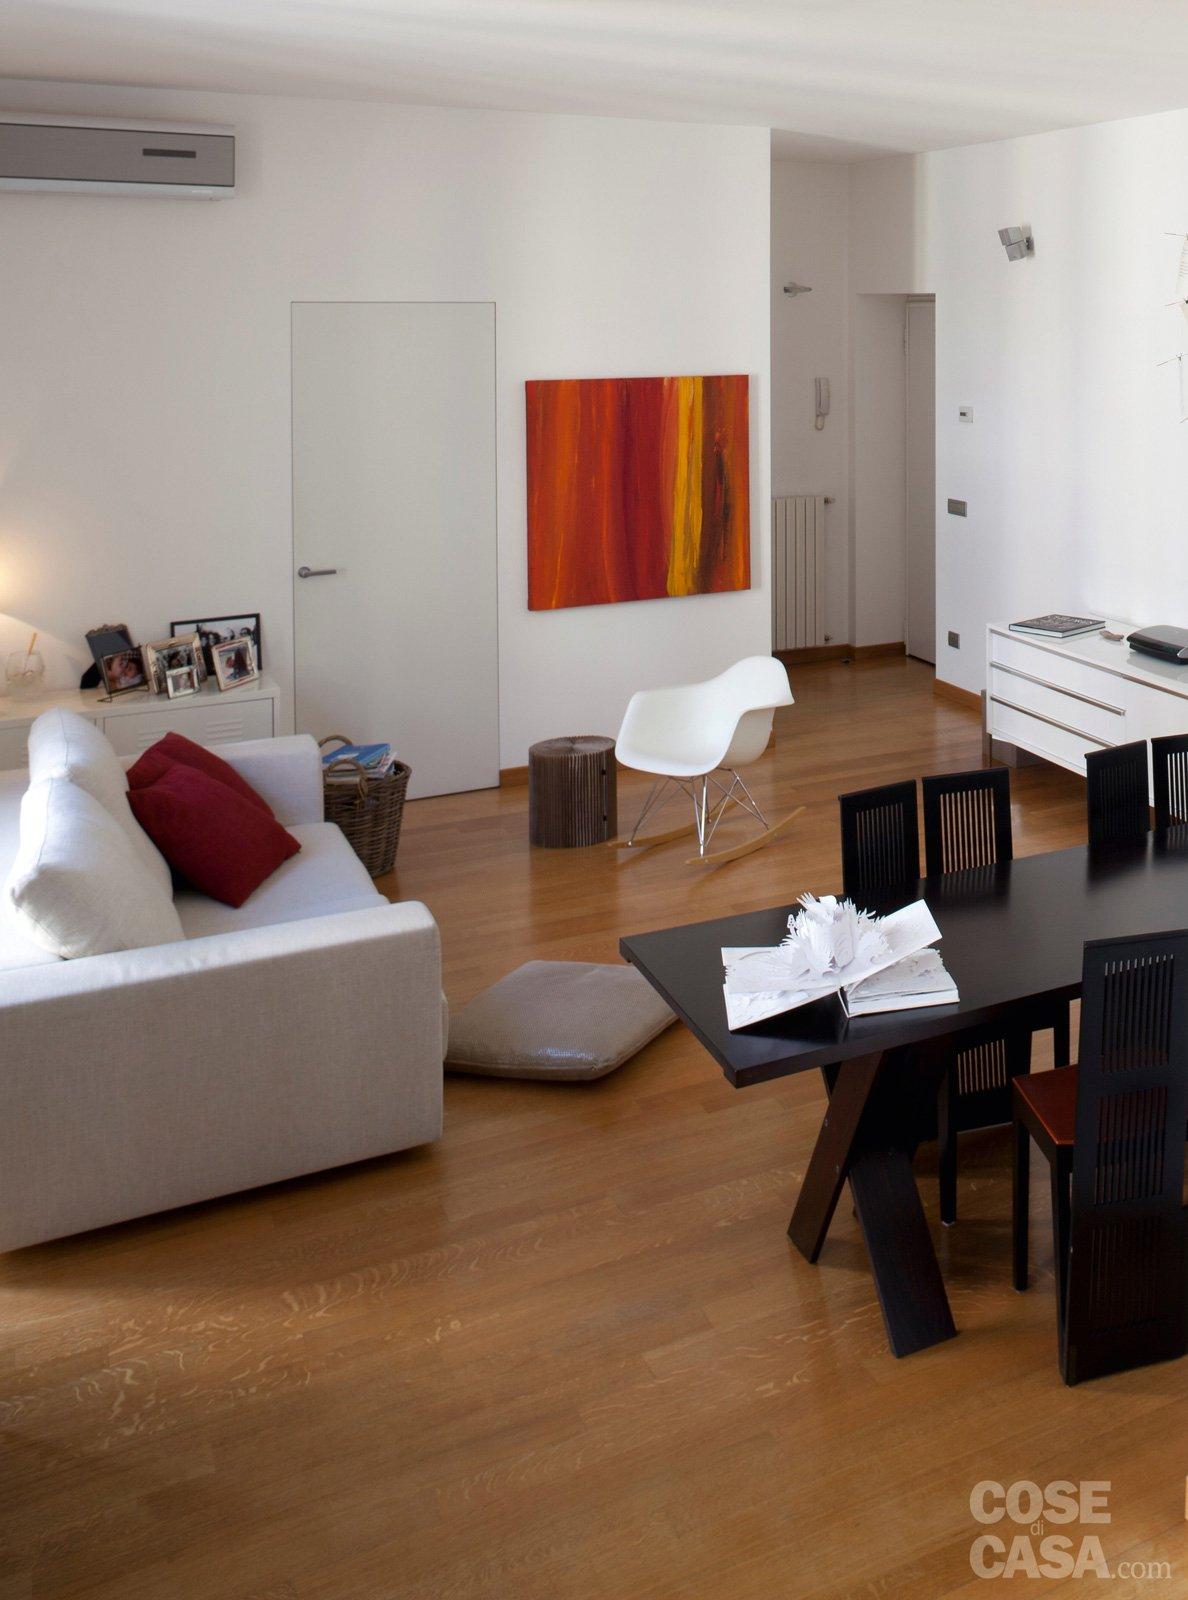 Una casa da copiare 10 idee tra spunti d 39 arredo e decor for Cose per la casa originali